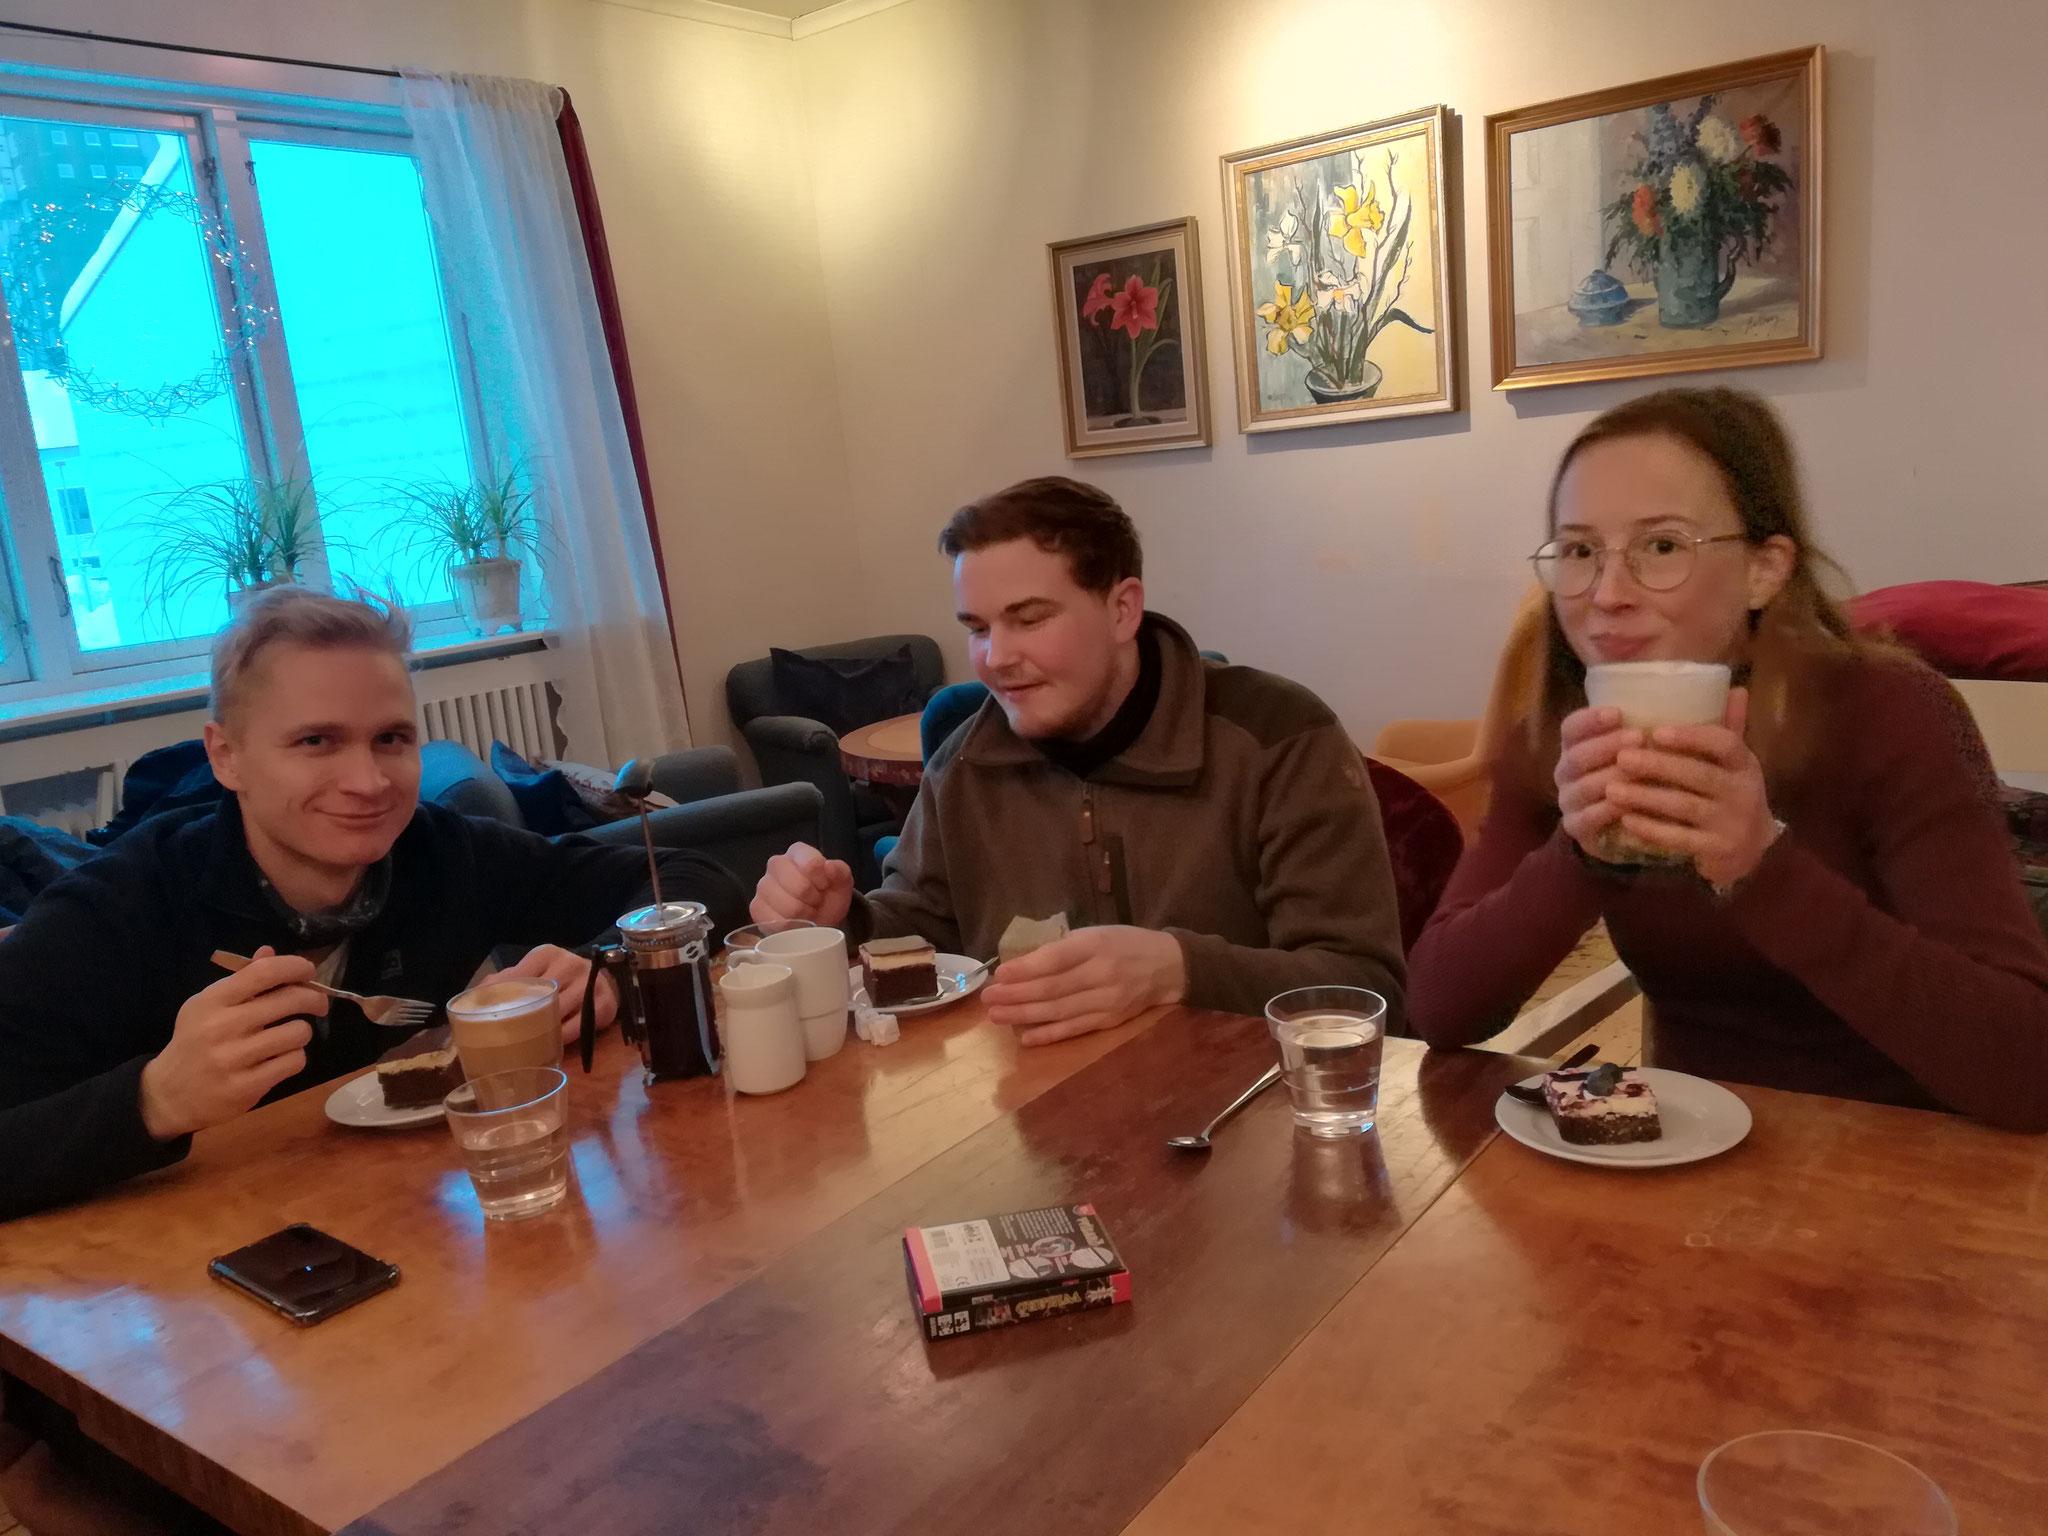 v.l. Max, Konrad und Hannah bei der Abschlussfika